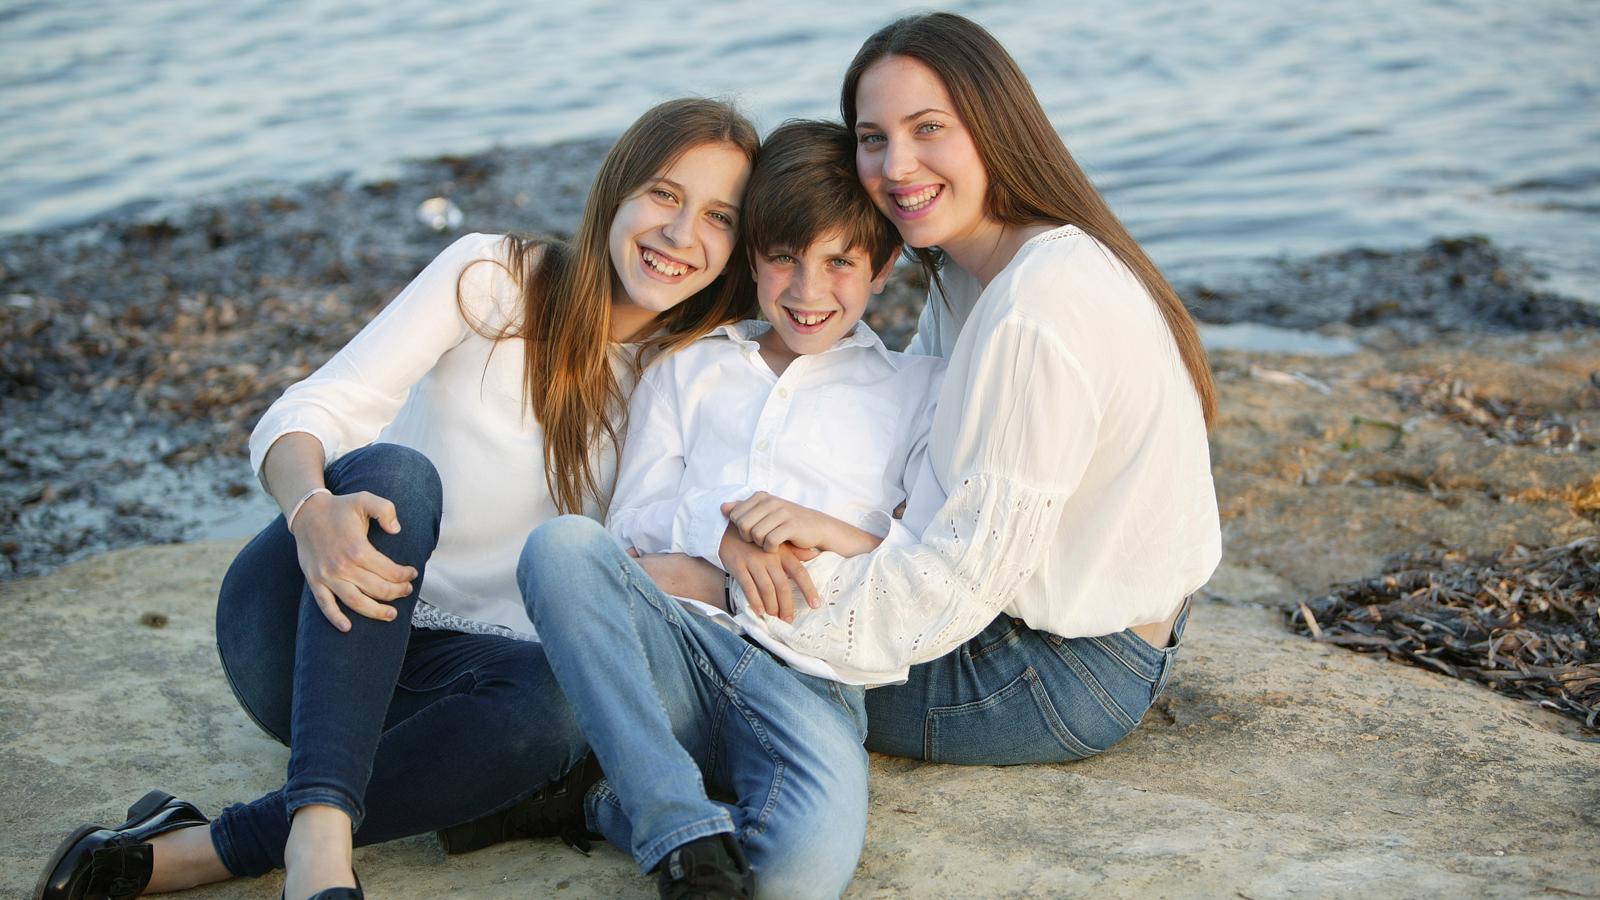 Patrick con sus hermanas Paula y Carla